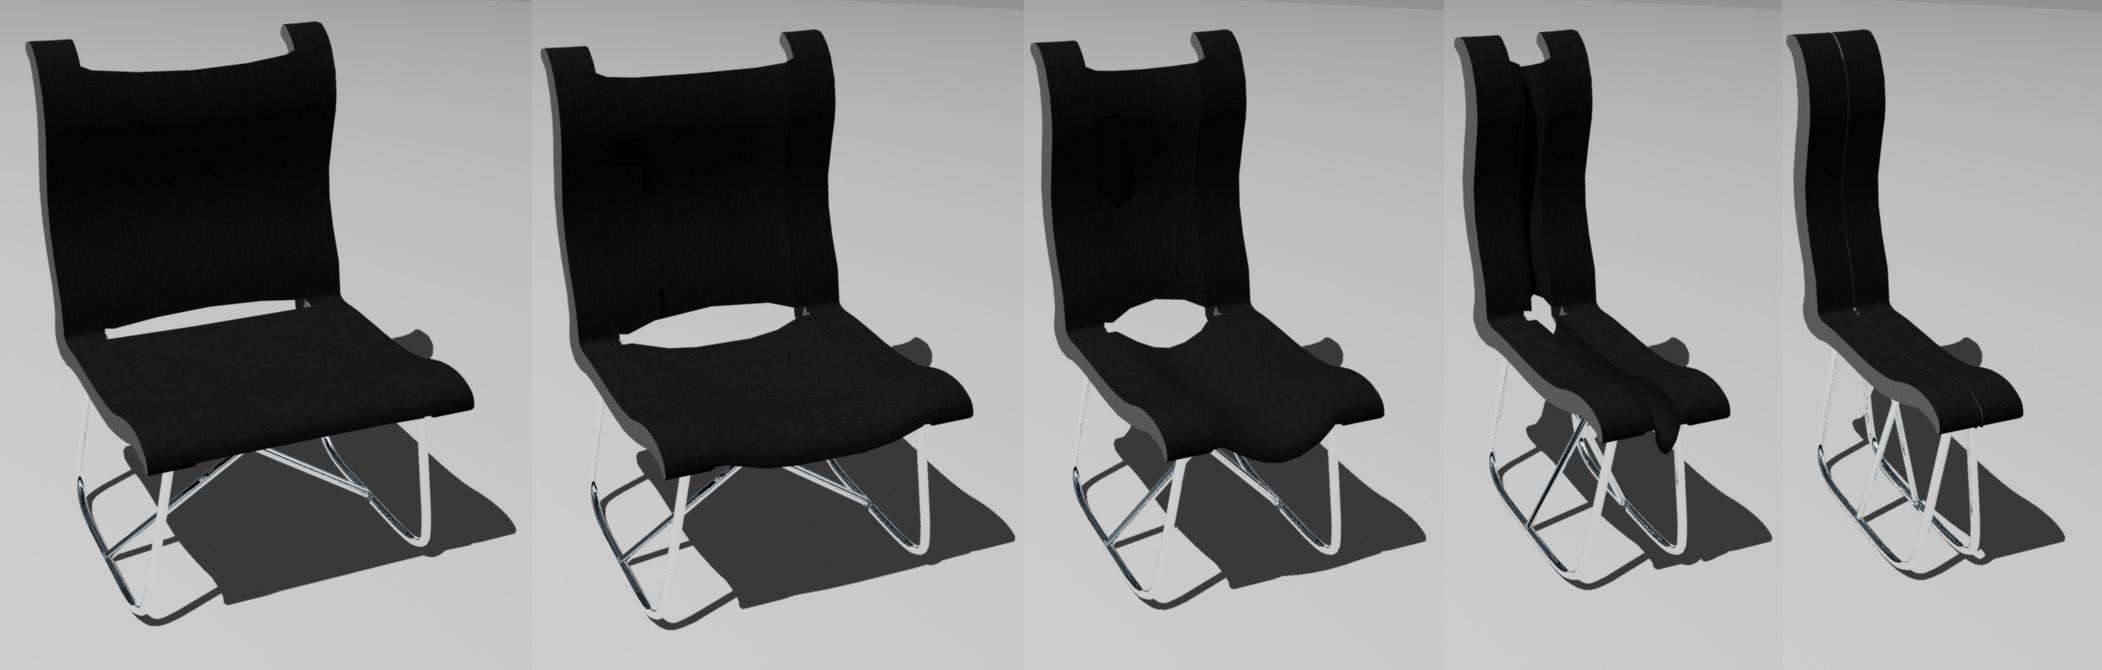 Chair fold